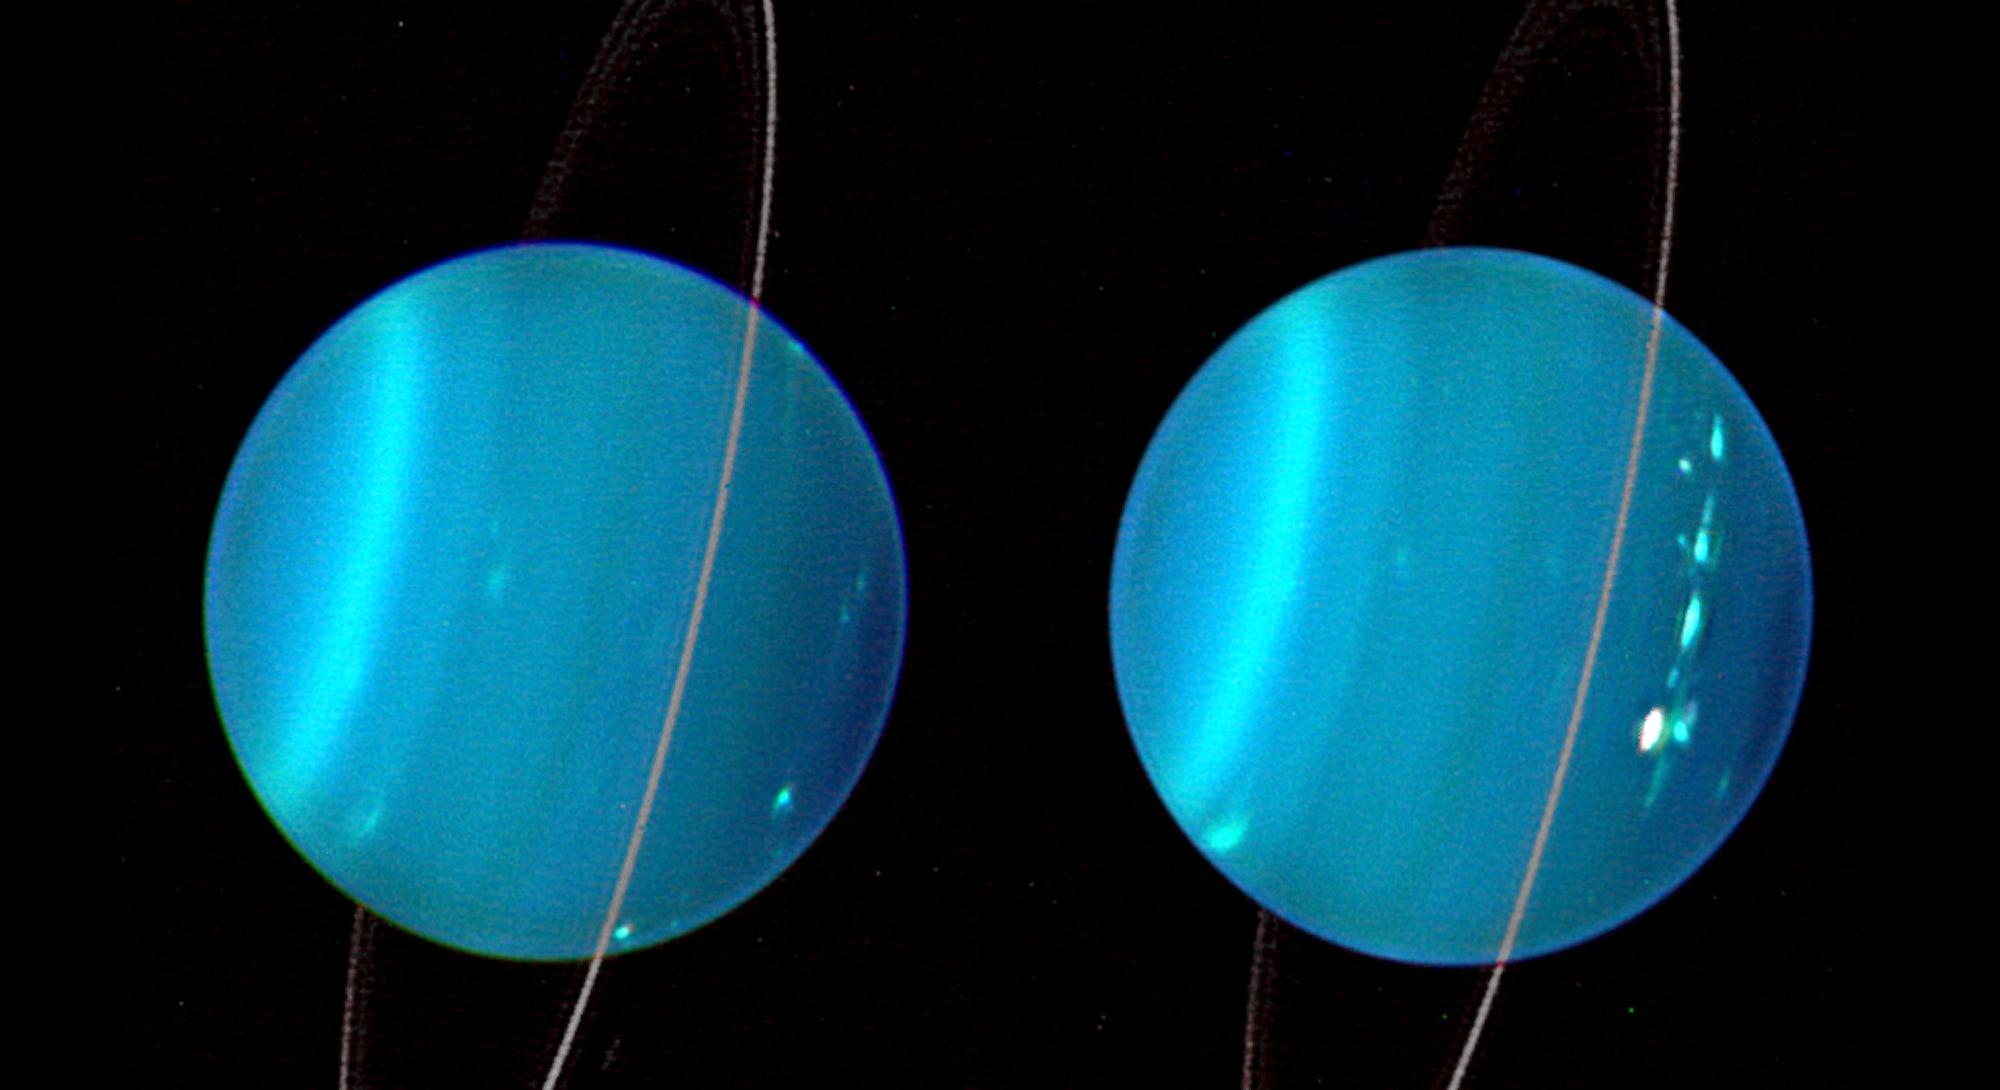 uranus telescope stargazing